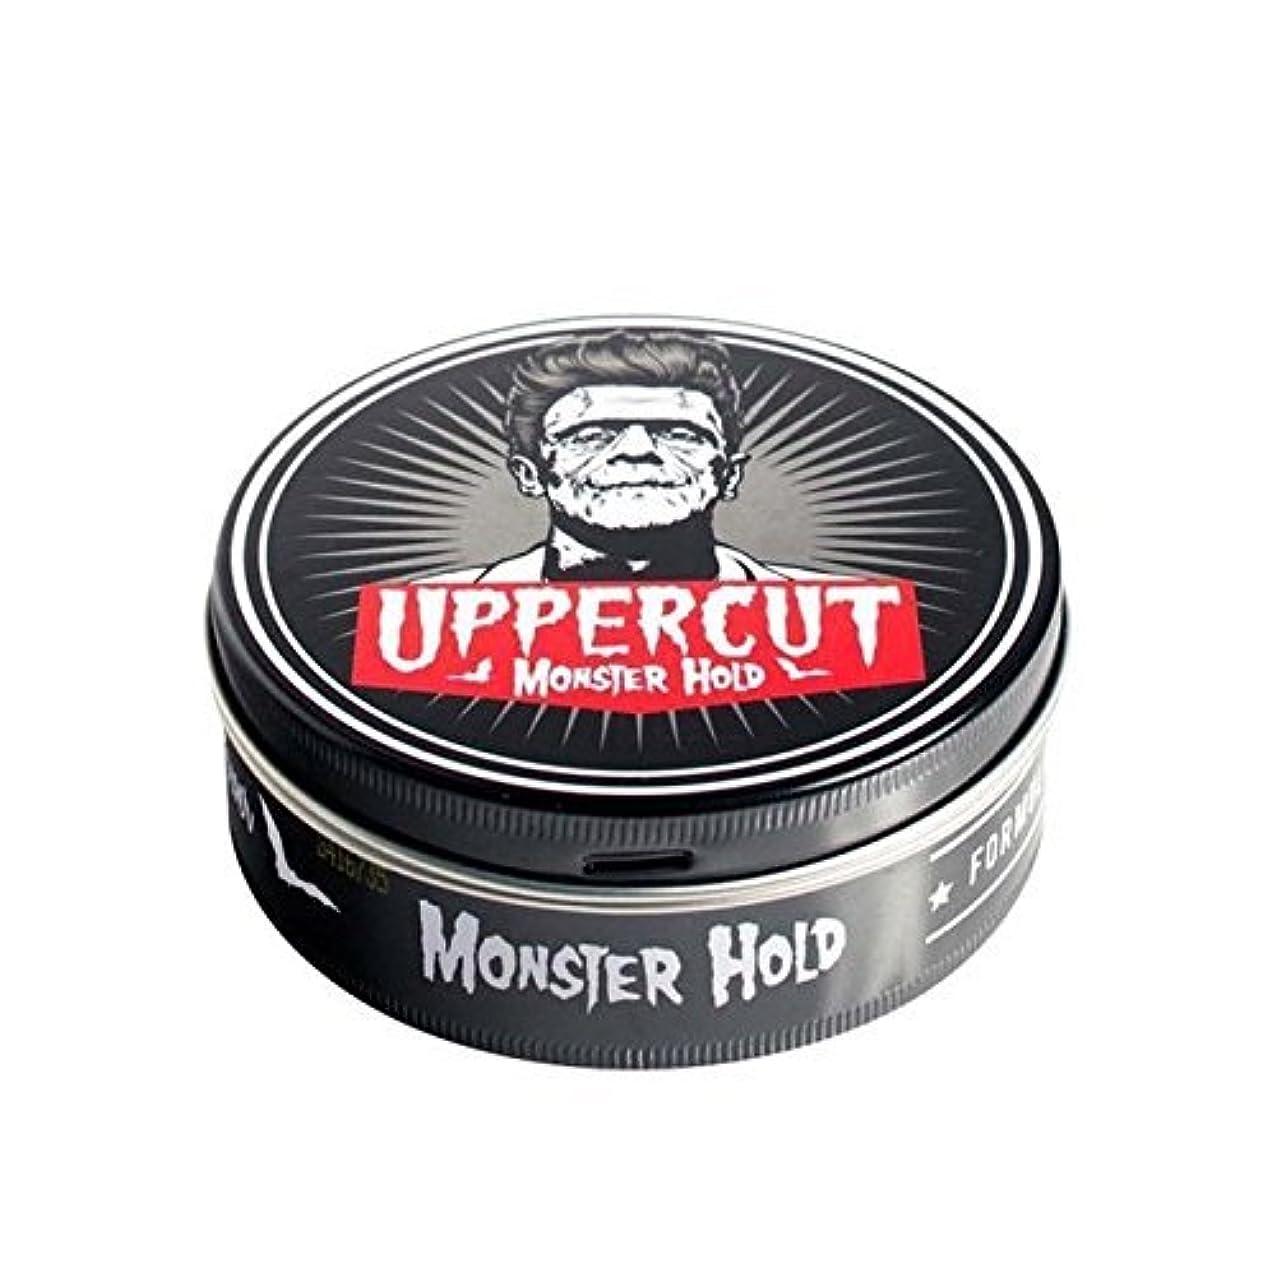 内なる役に立たない経営者UPPERCUT DELUXE MONSTER HOLD アッパーカット デラックス モンスターホールド 70g